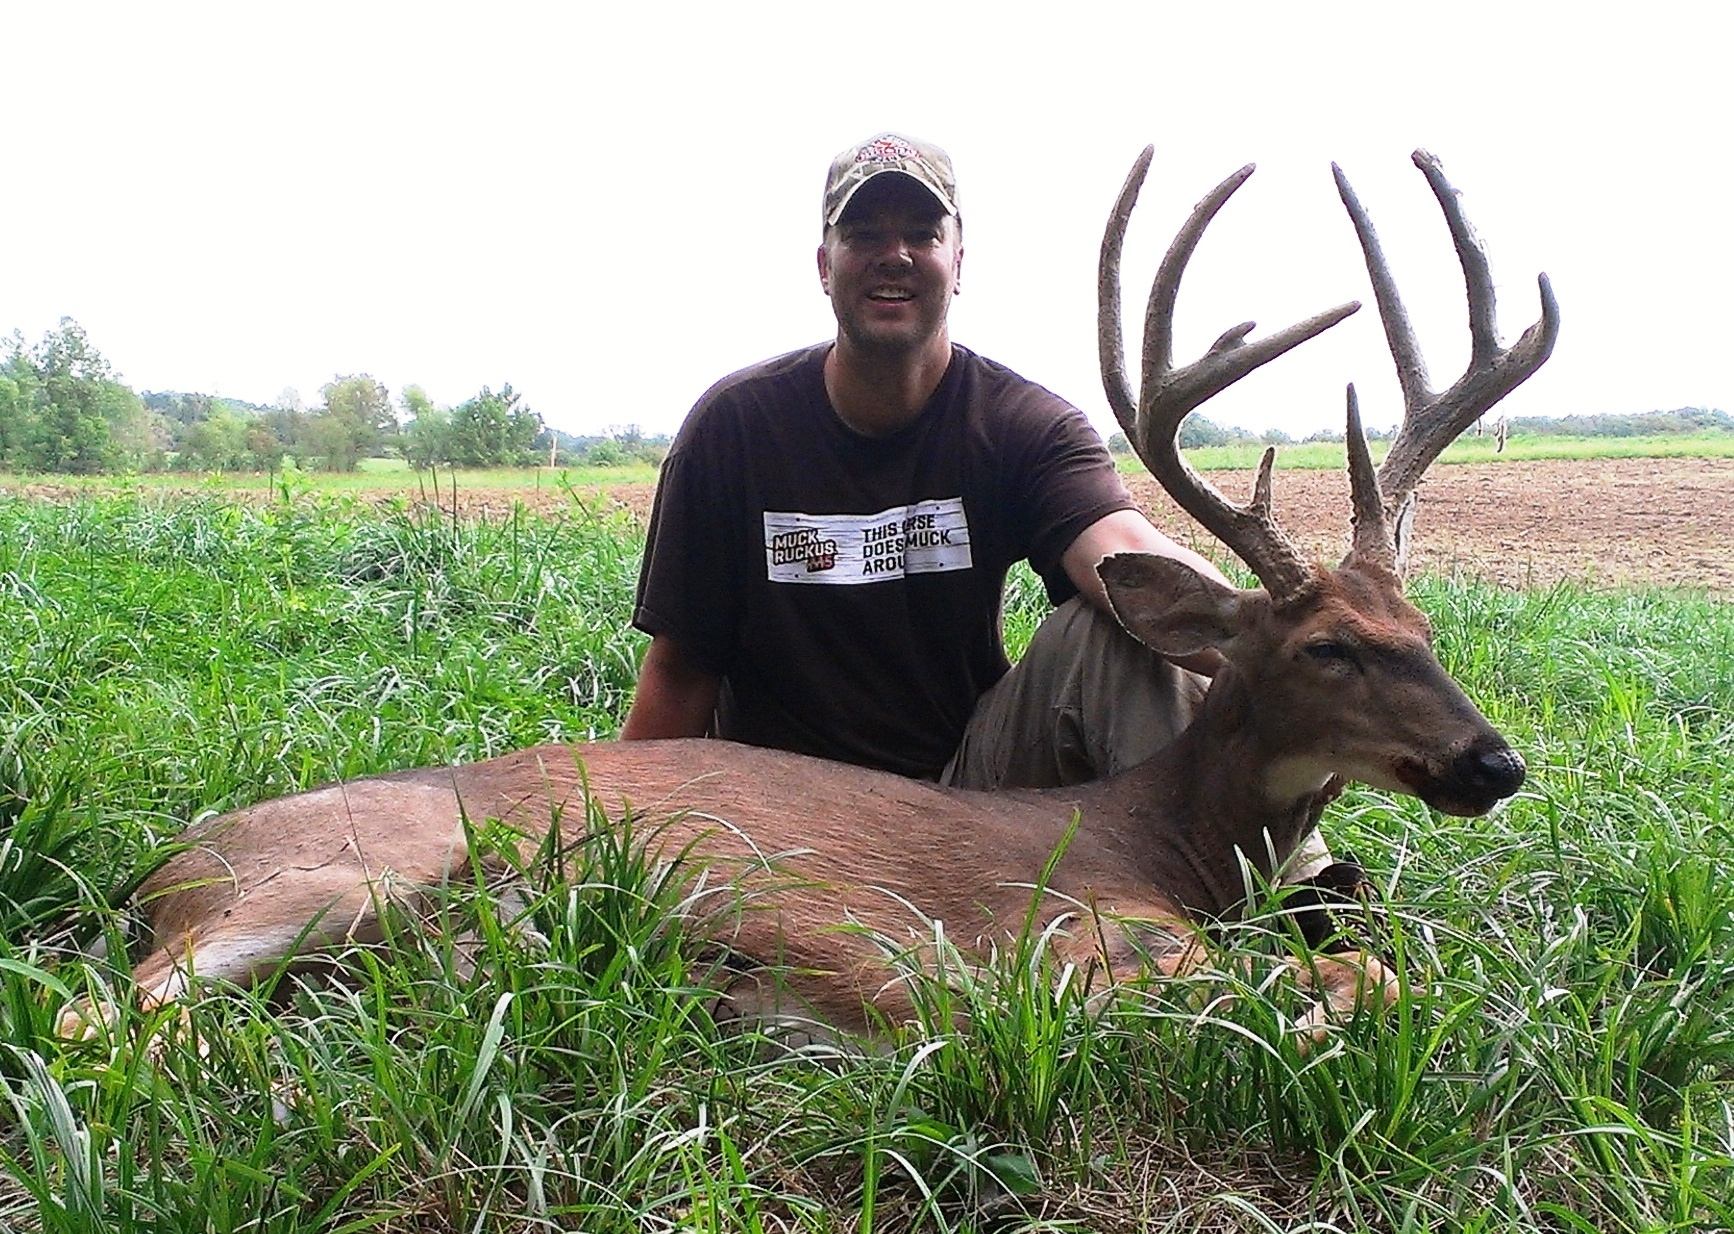 Brett Grimm - Missouri Archery